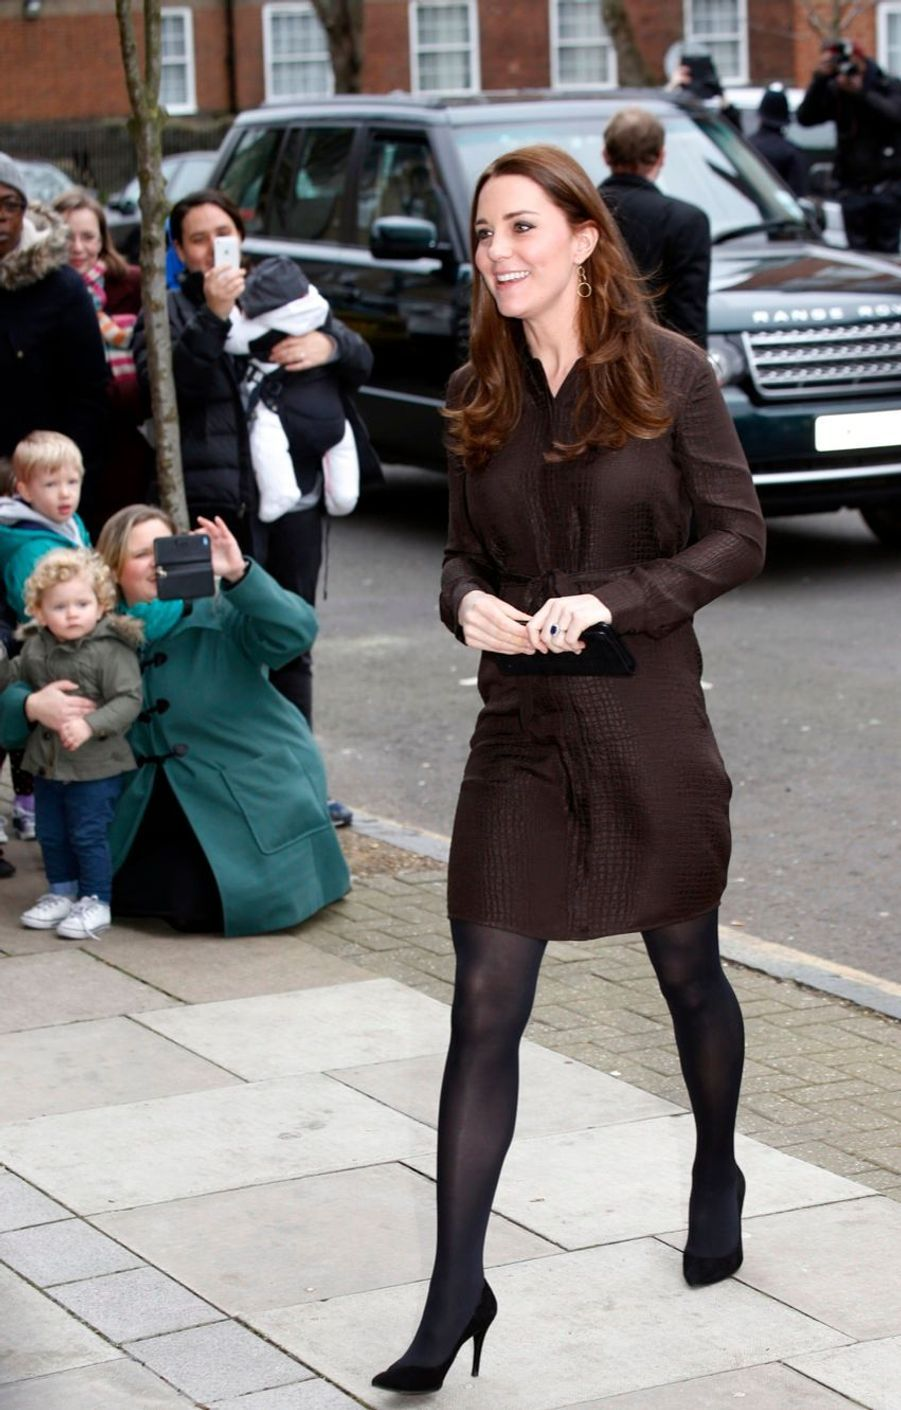 5 La Duchesse De Cambridge, Née Kate Middleton, En Visite Dans Une Association De Familles D'accueil